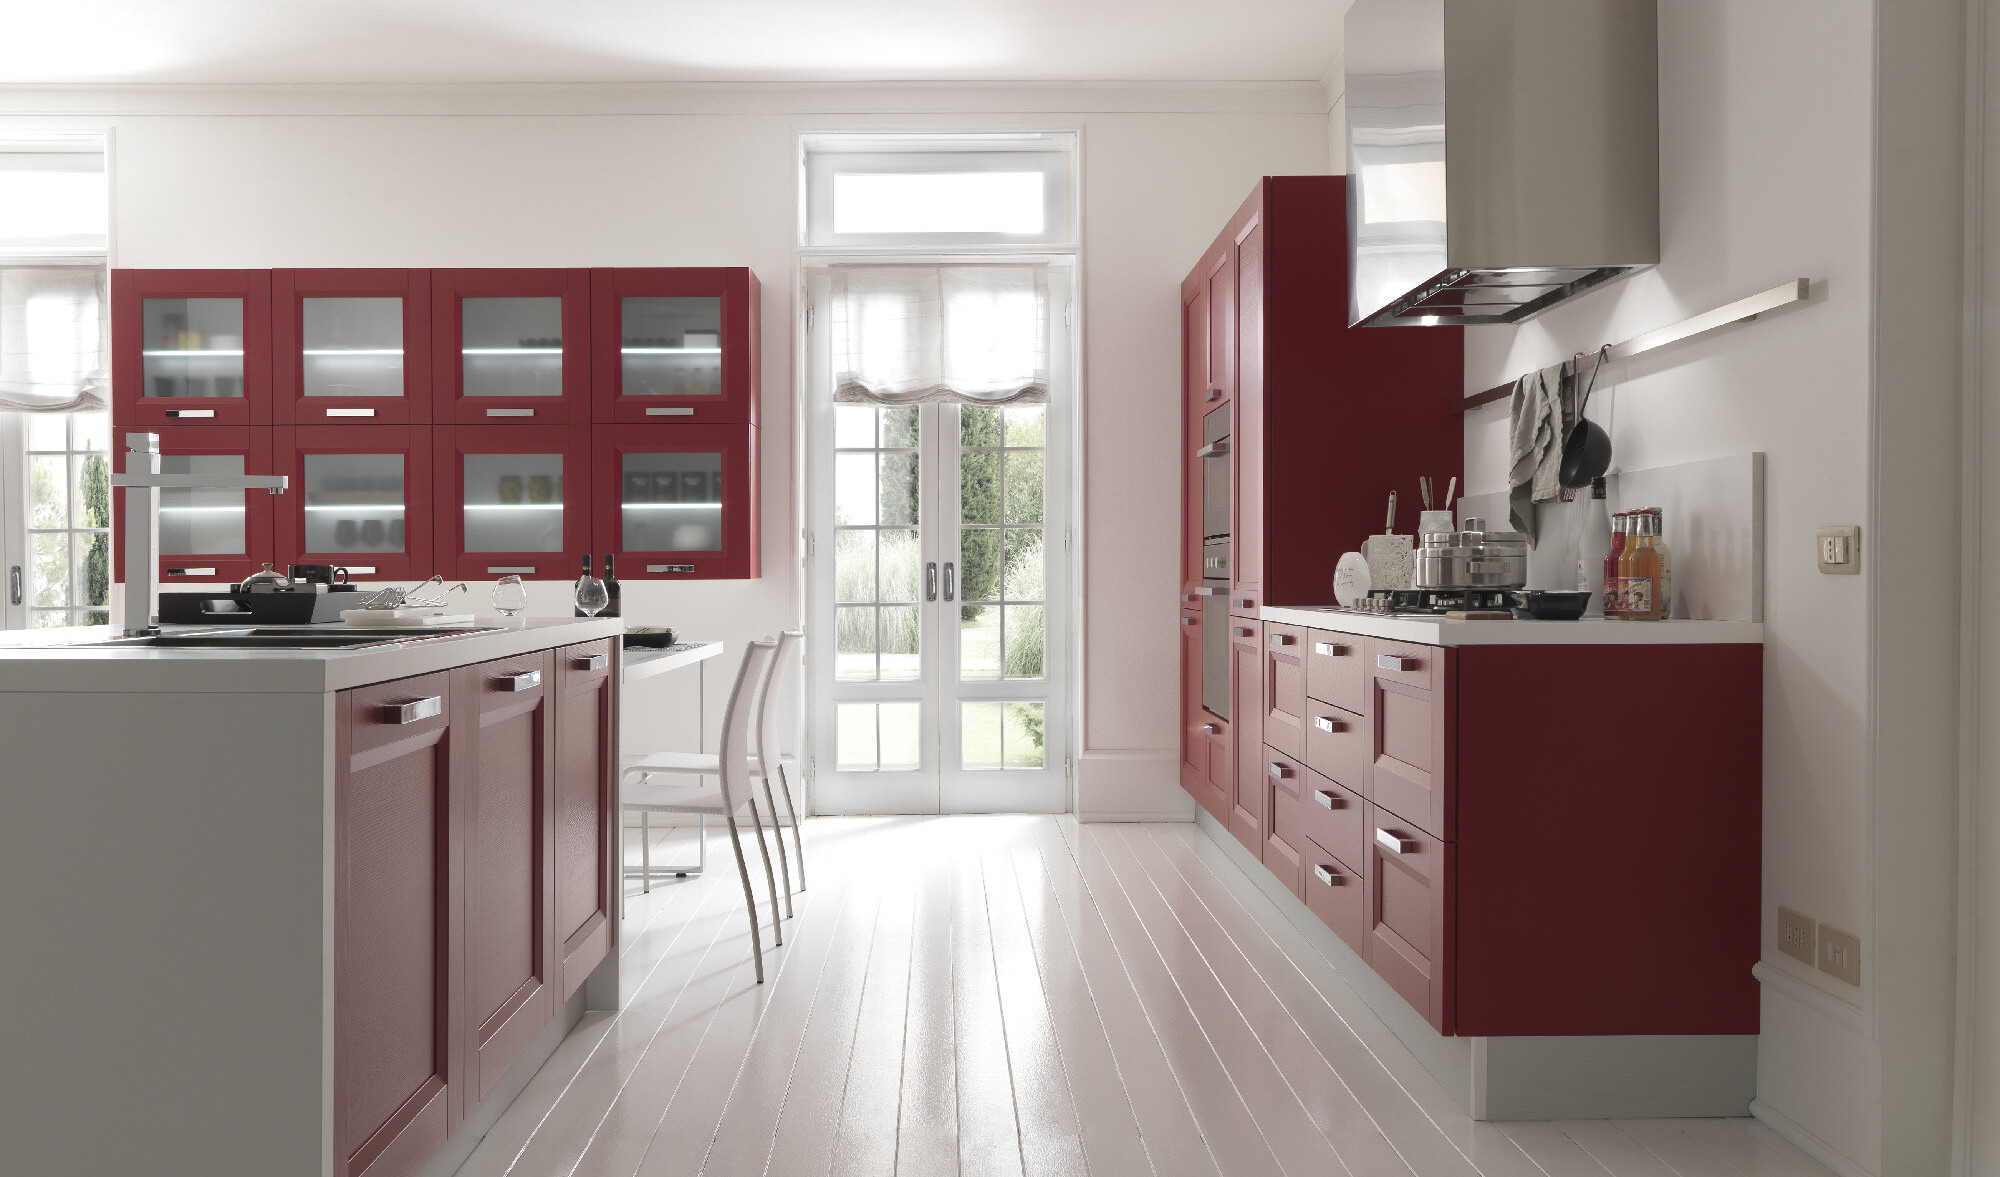 Catalogo Cucine Moderne Febal.Cucina In Rosso Passione Contemporanea Arredo Casa Roma